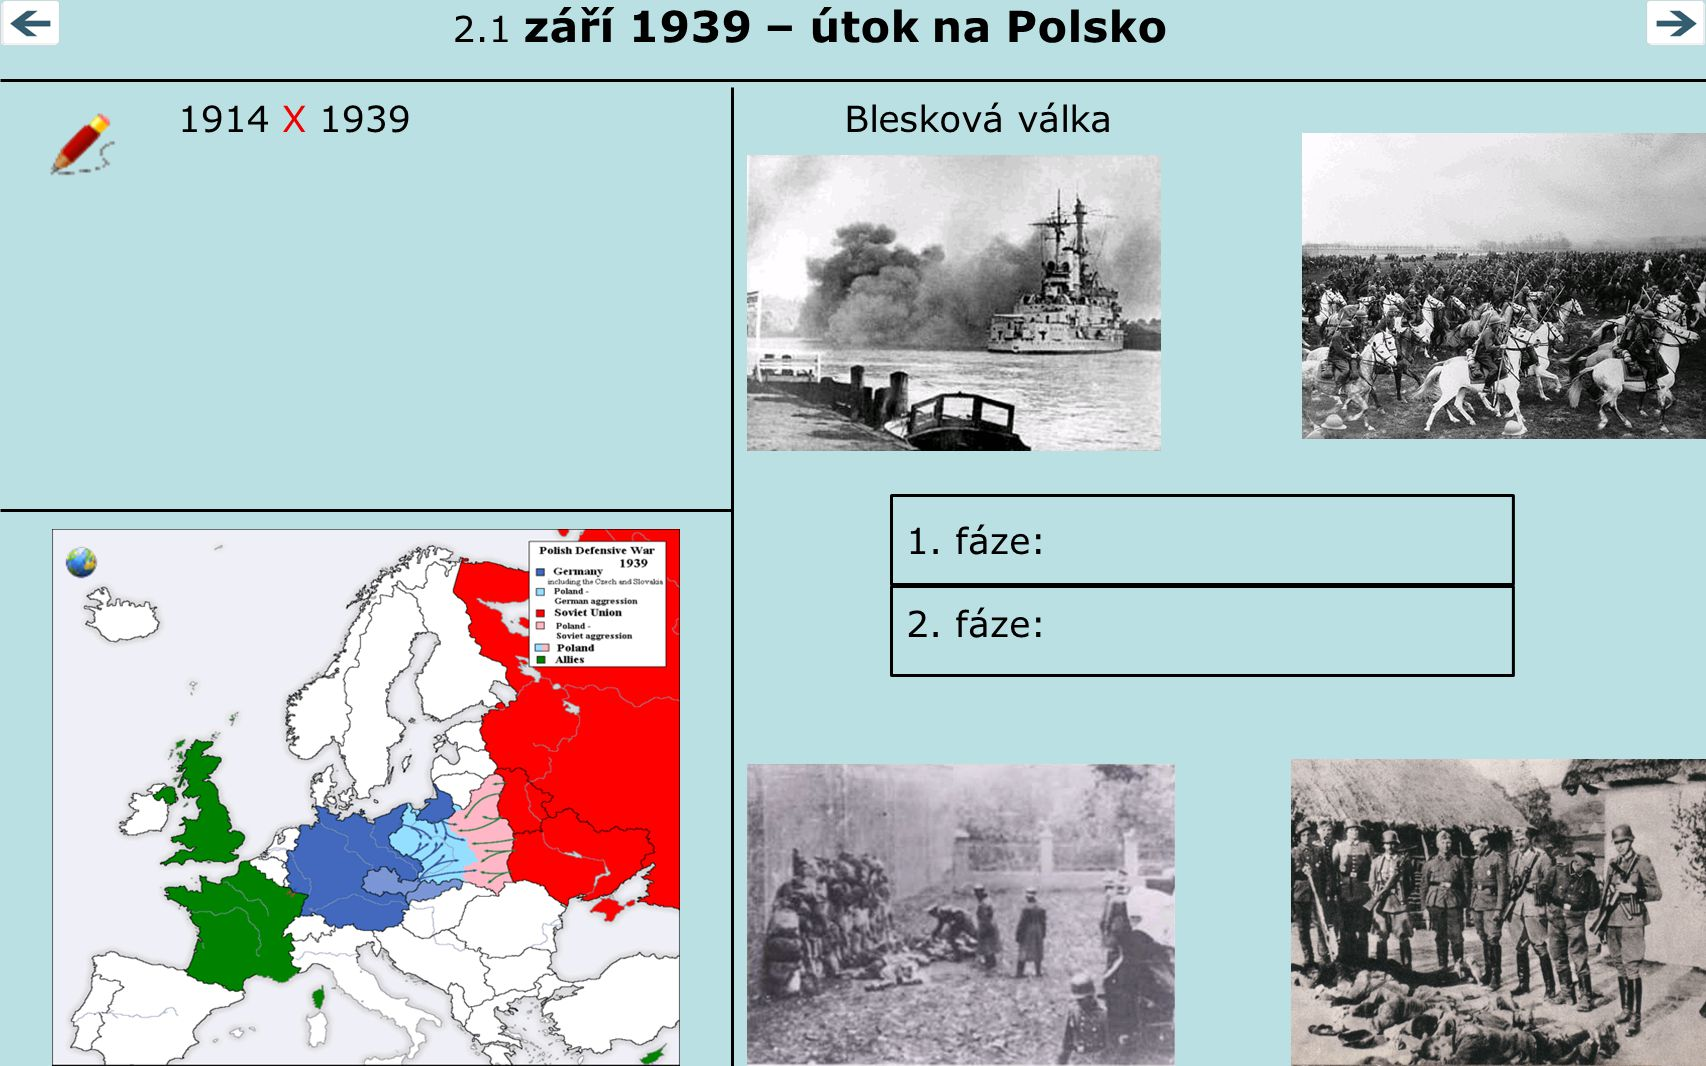 2.1 září 1939 – útok na Polsko 1914 X 1939 Blesková válka 1. fáze: 2. fáze: